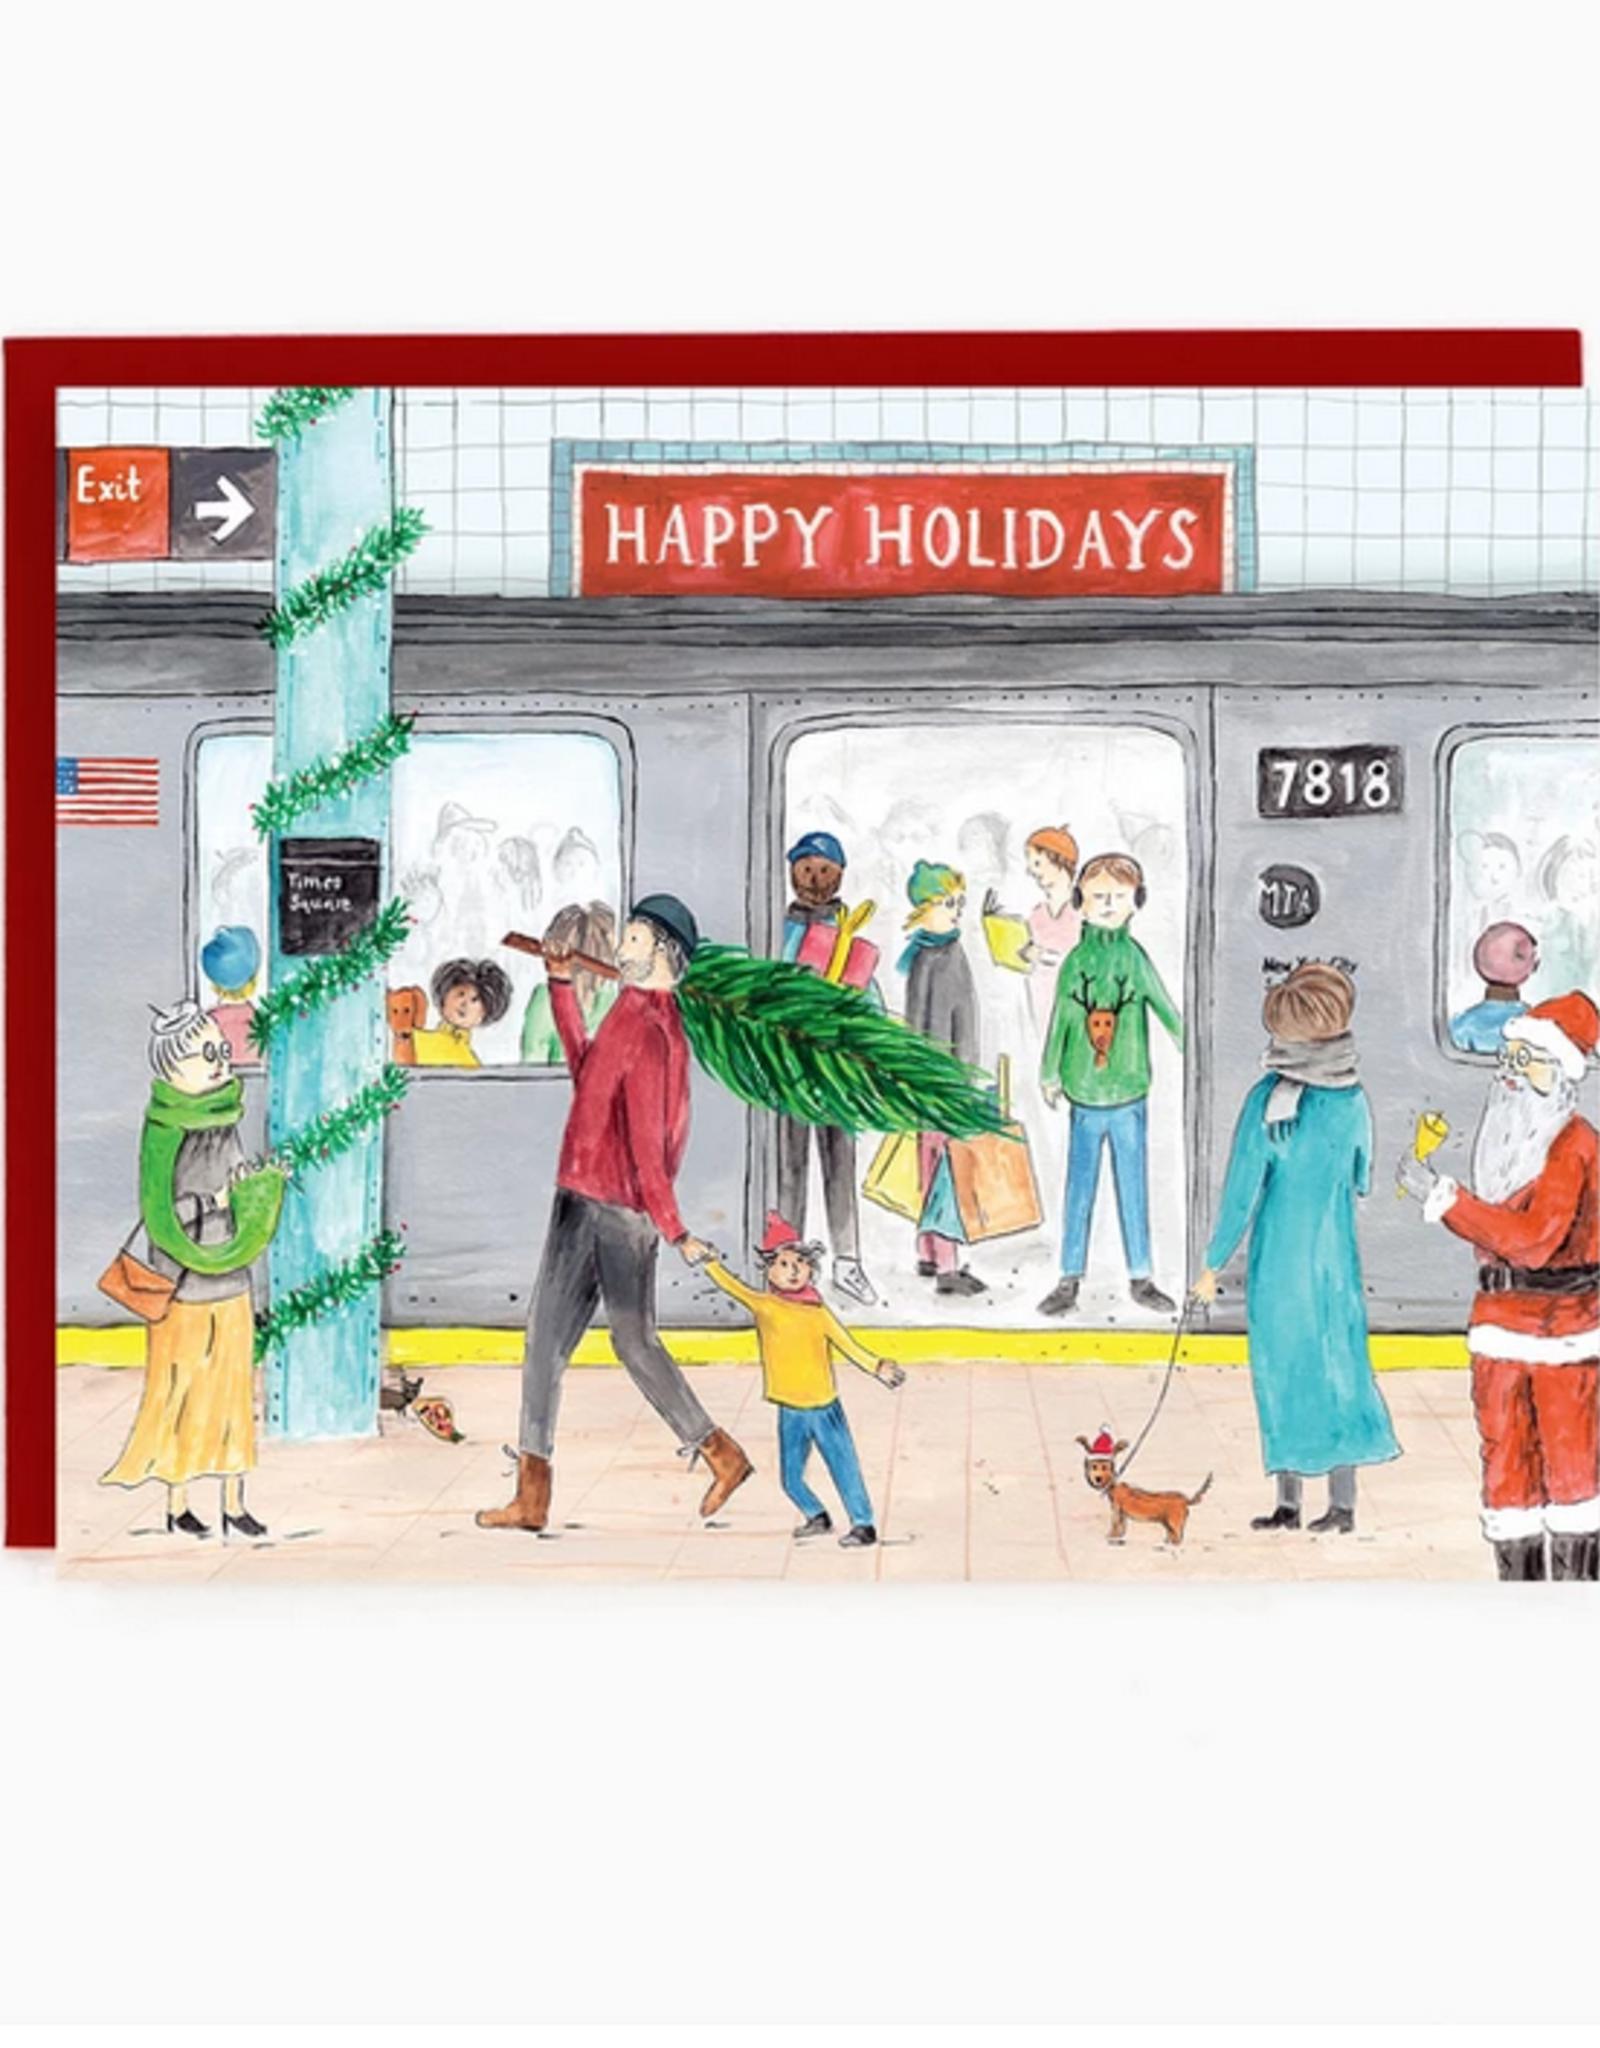 Happy Holidays Subway Greeting Card